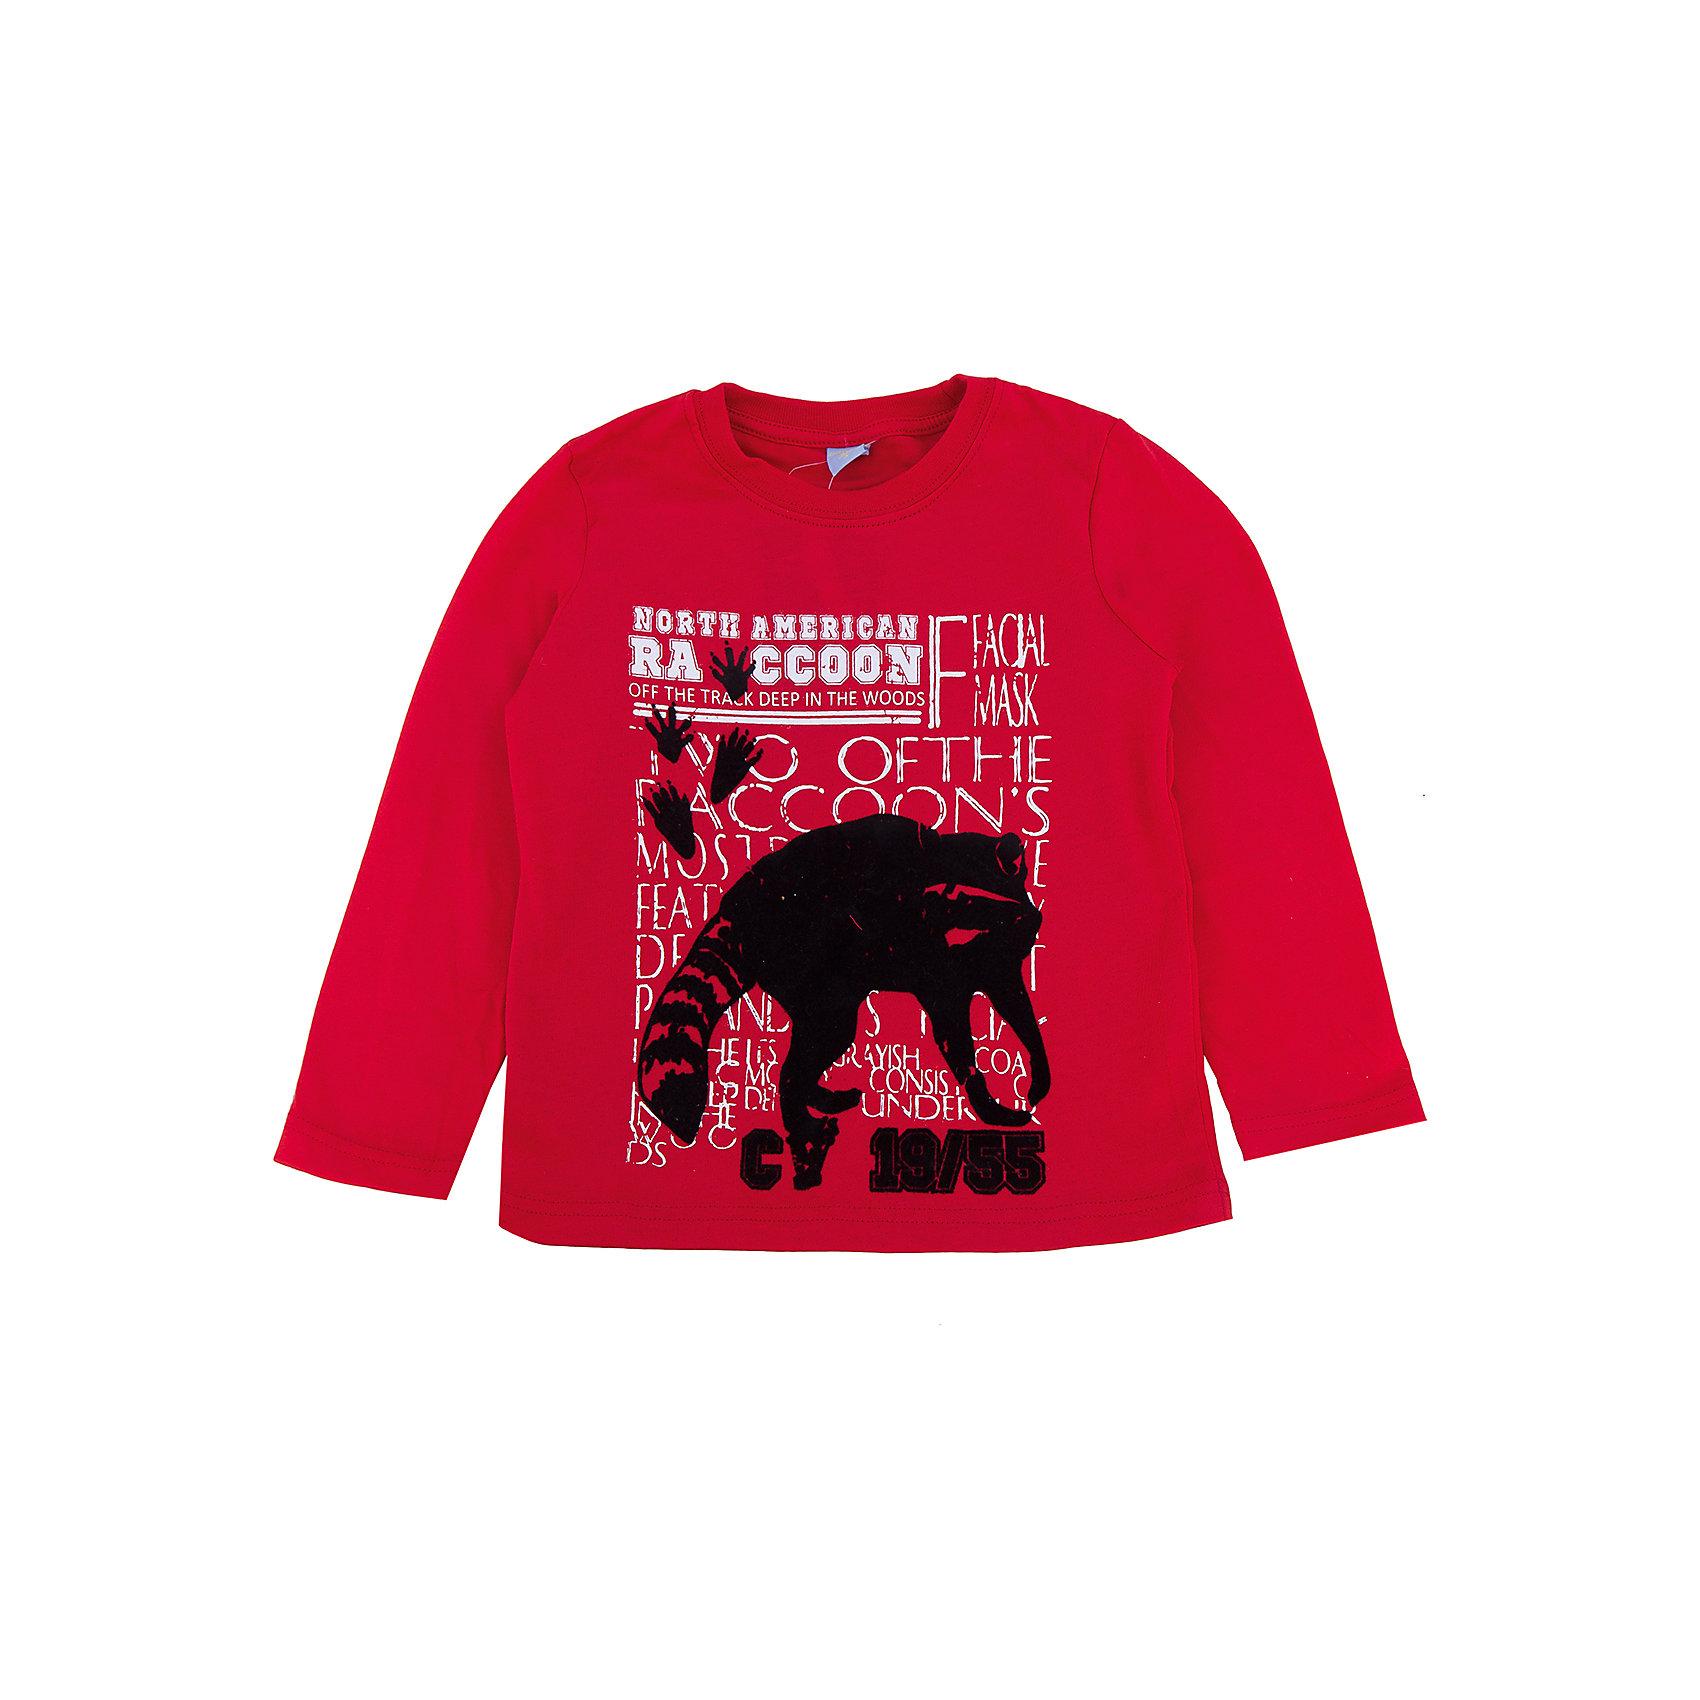 Футболка с длиным рукавом для мальчика DAUBERФутболка с длинным рукавом для мальчика DAUBER<br>Характеристики:<br><br>• Состав: 100%хлопок.<br>• Цвет: Красный.<br>• Материал: трикотаж.<br><br>Футболка для мальчика от российского бренда DAUBER.<br>Стильная футболочка красного цвета выполнена из хлопкового трикотажа. Модный принт – крошка-енот, не оставит равнодушным вашего малыша. Натуральный хлопок в составе изделия делает его дышащим, приятным на ощупь и гипоаллергенным. Мягкая обтачка на горловине не вызовет трудностей при надевании. В такой футболке ваш мальчик будет чувствовать себя комфортно и уютно, как дома, так и на улице.<br><br>Футболку с длинным рукавом для мальчика, можно купить в нашем интернет - магазине.<br><br>Ширина мм: 230<br>Глубина мм: 40<br>Высота мм: 220<br>Вес г: 250<br>Цвет: оранжевый<br>Возраст от месяцев: 24<br>Возраст до месяцев: 36<br>Пол: Мужской<br>Возраст: Детский<br>Размер: 98,116,110,104<br>SKU: 4990356